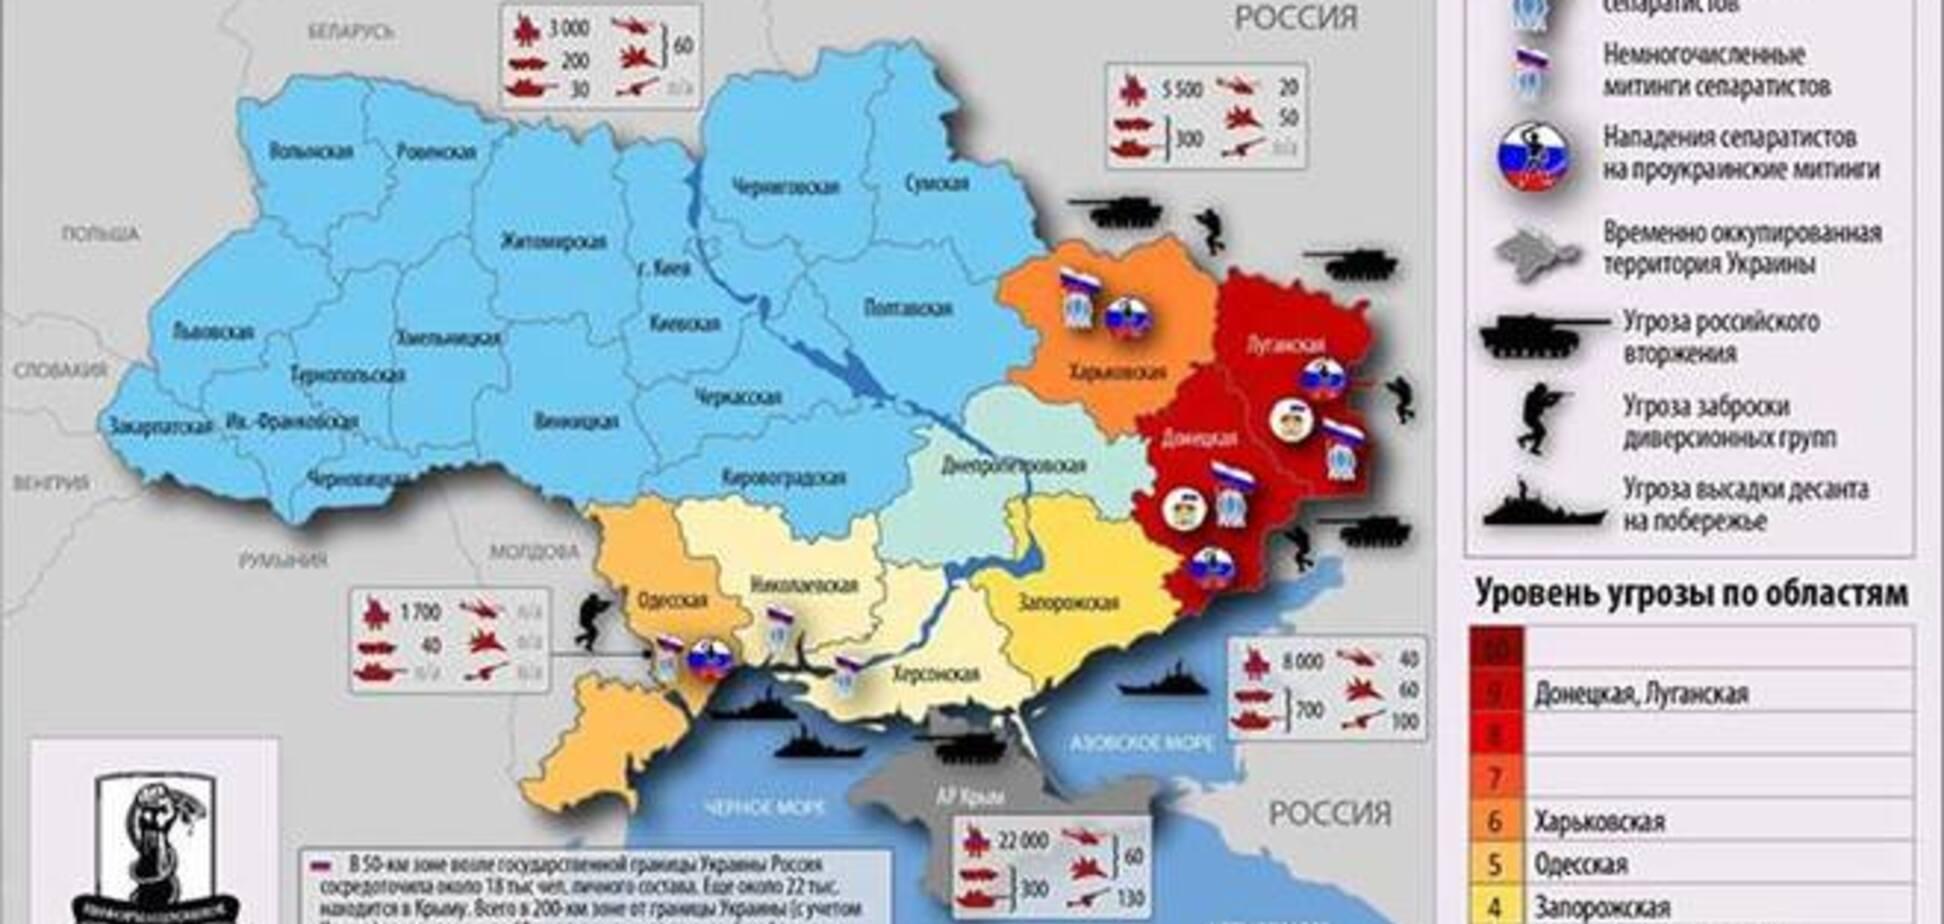 Эксперты оценили угрозы экстремизма на юго-востоке. Инфографика